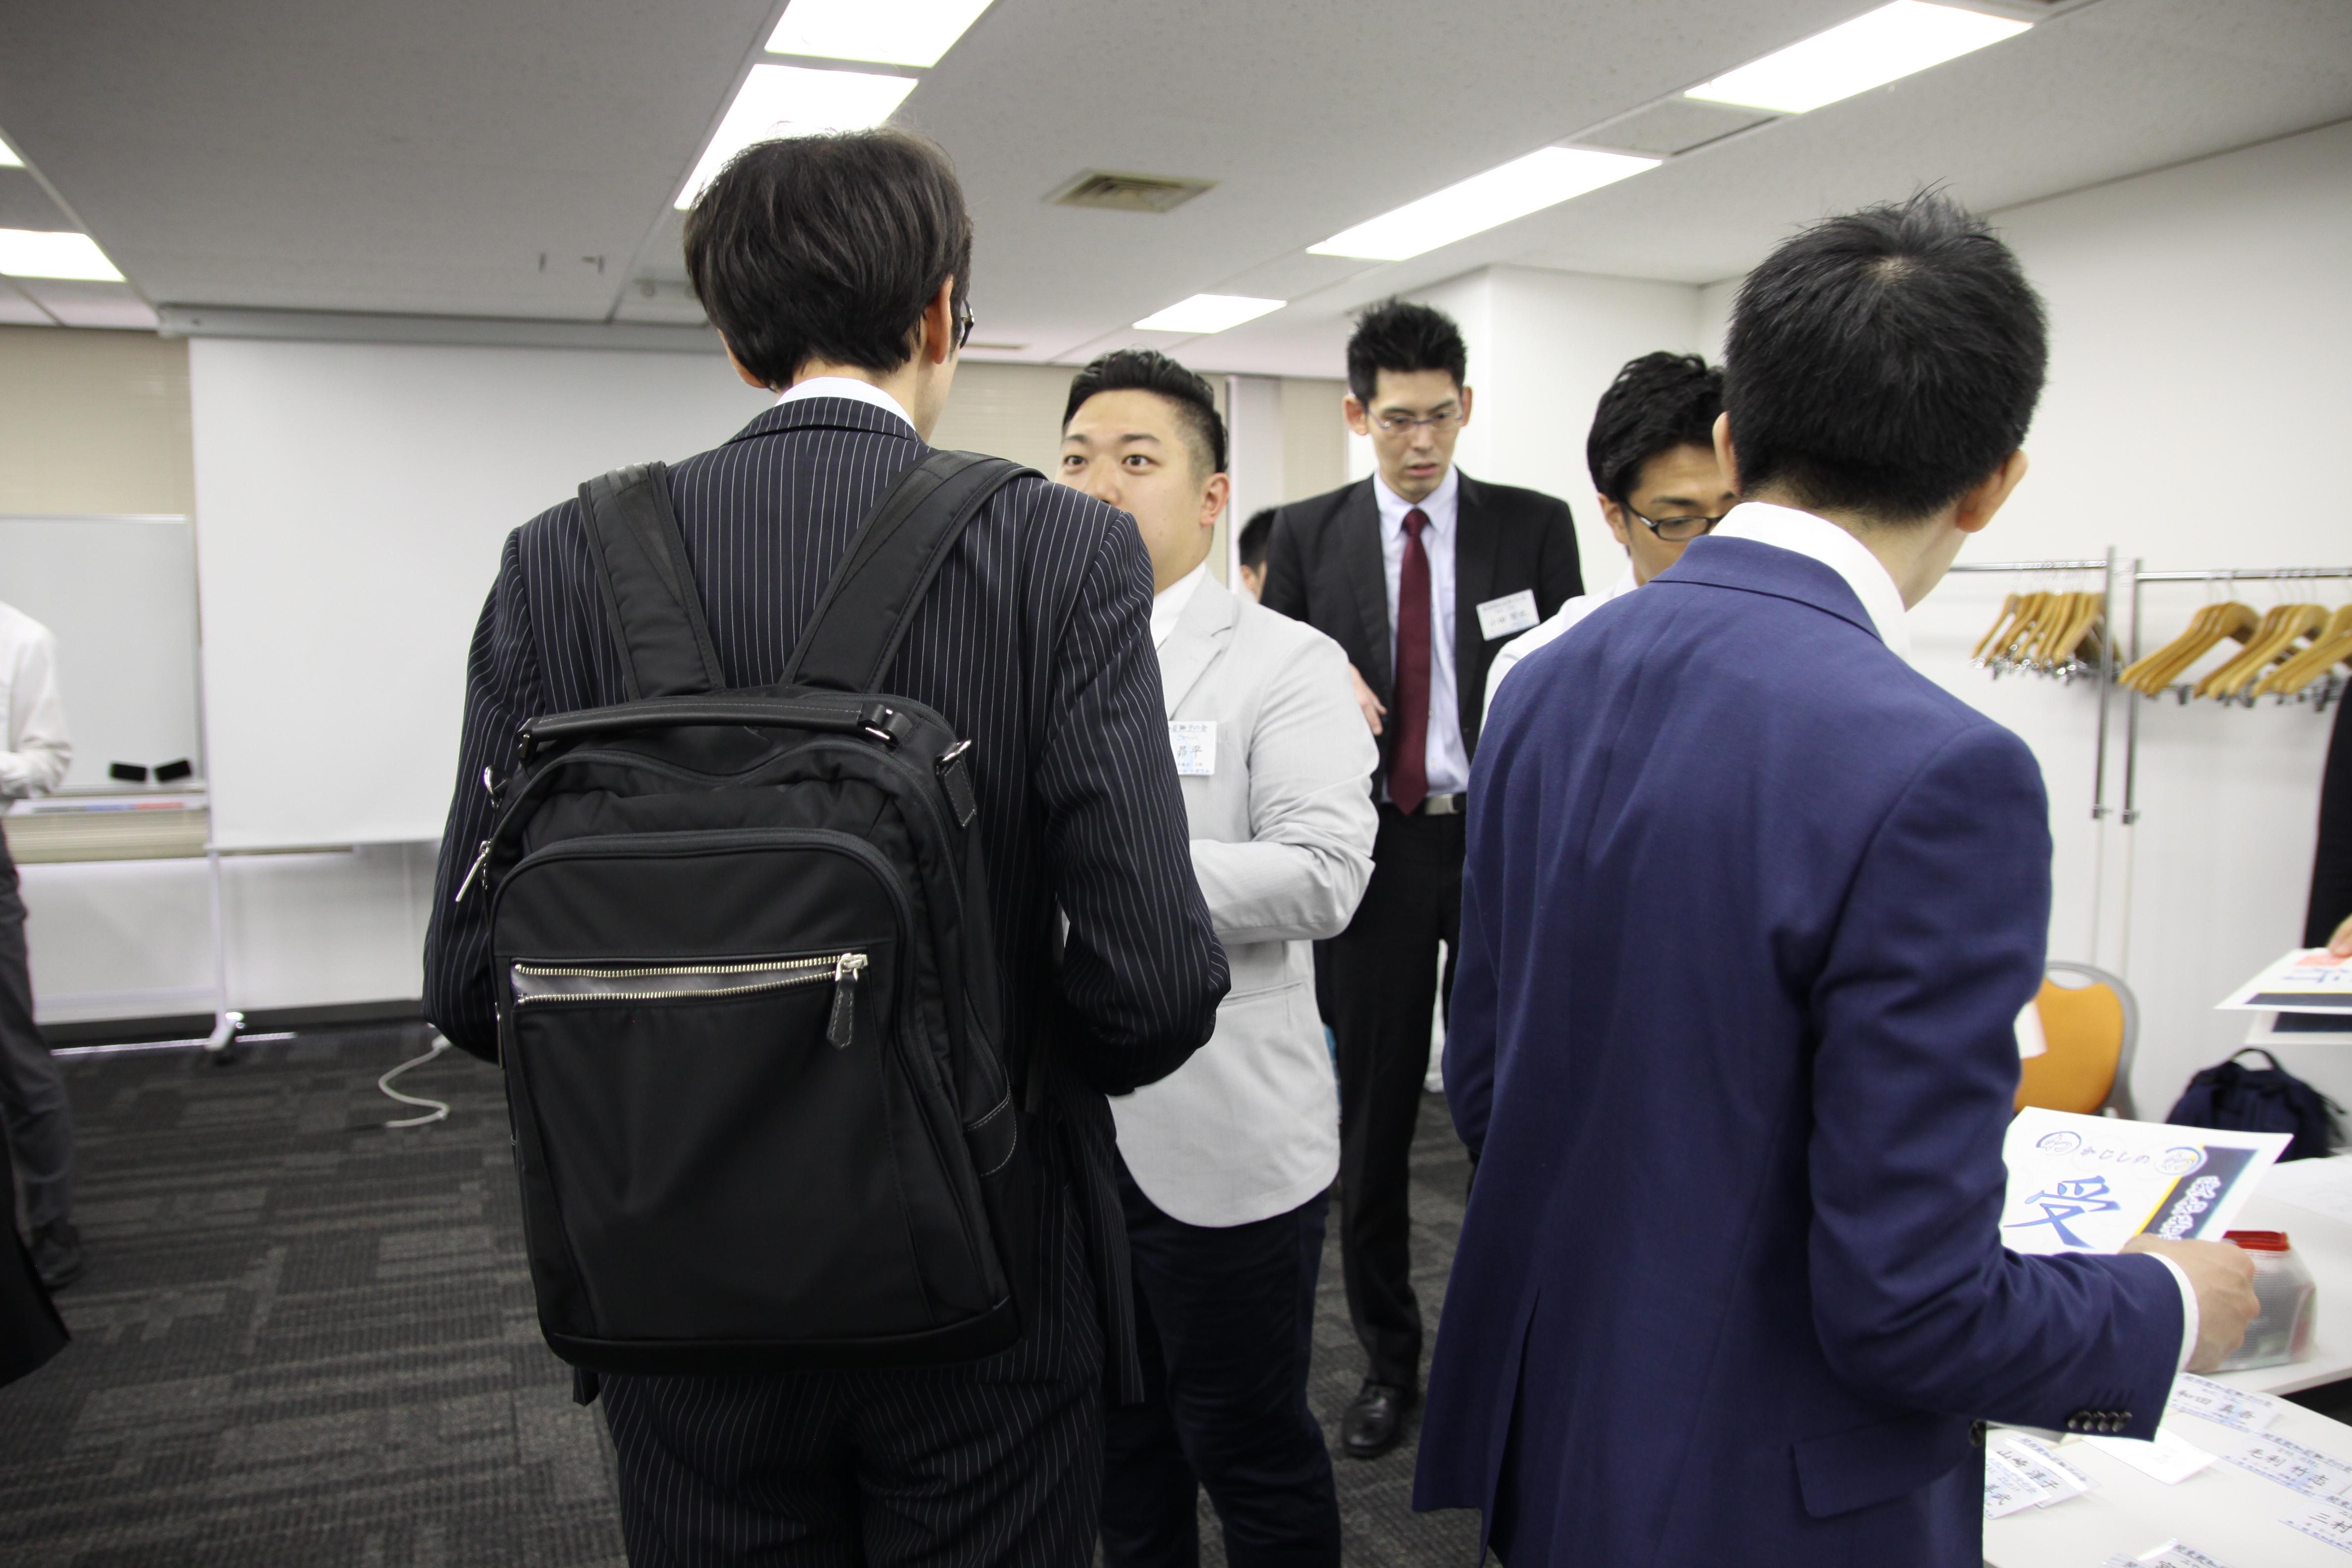 IMG 4484 - 関東若獅子の会、記念すべき第100回